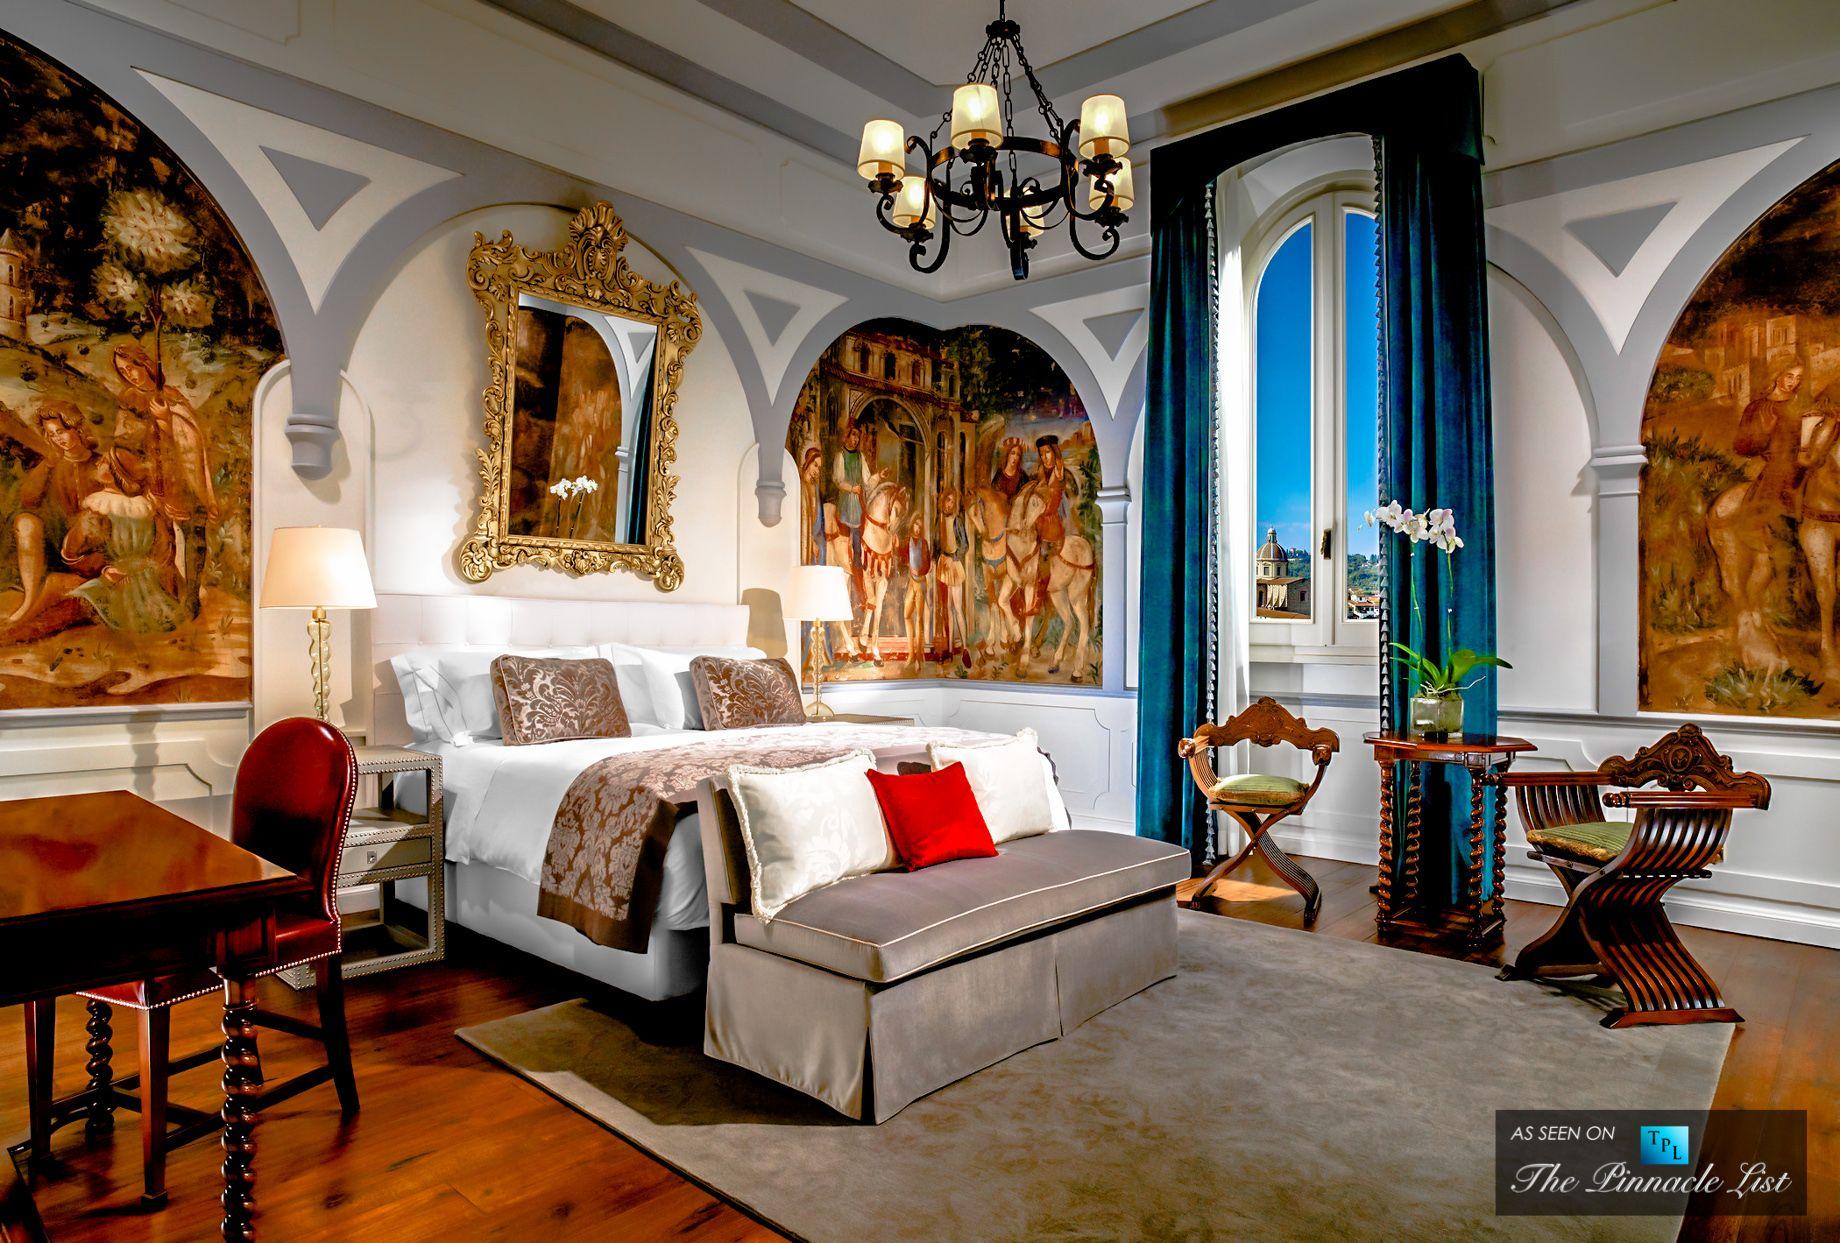 St regis luxury hotel florence italy premium deluxe for Design hotel italia